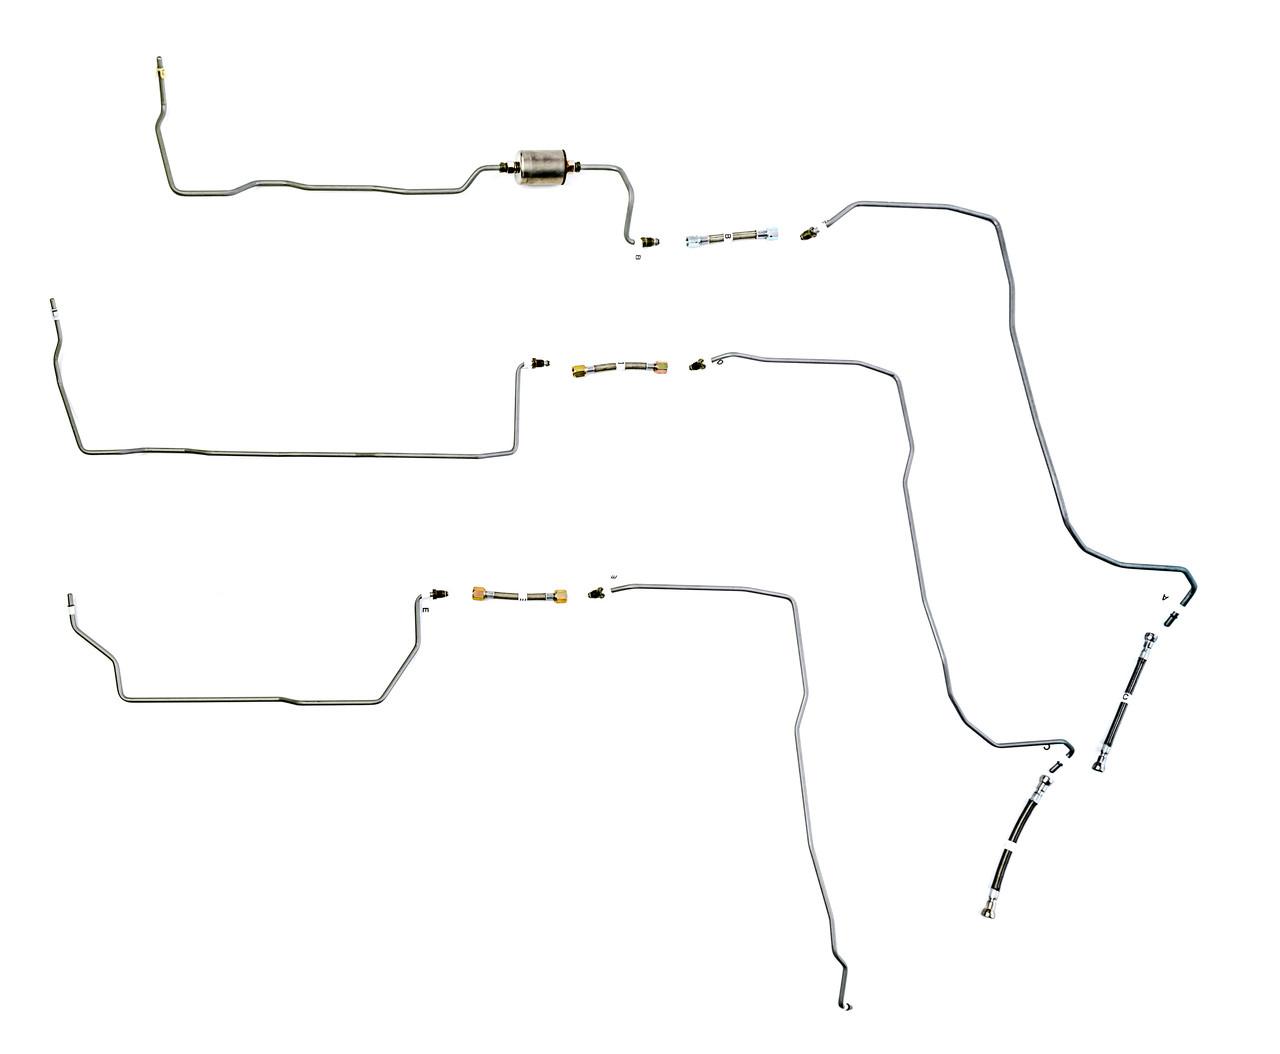 hight resolution of sierra fuel line 2003 c k2500 reg cab 8 ft bed 6 0l